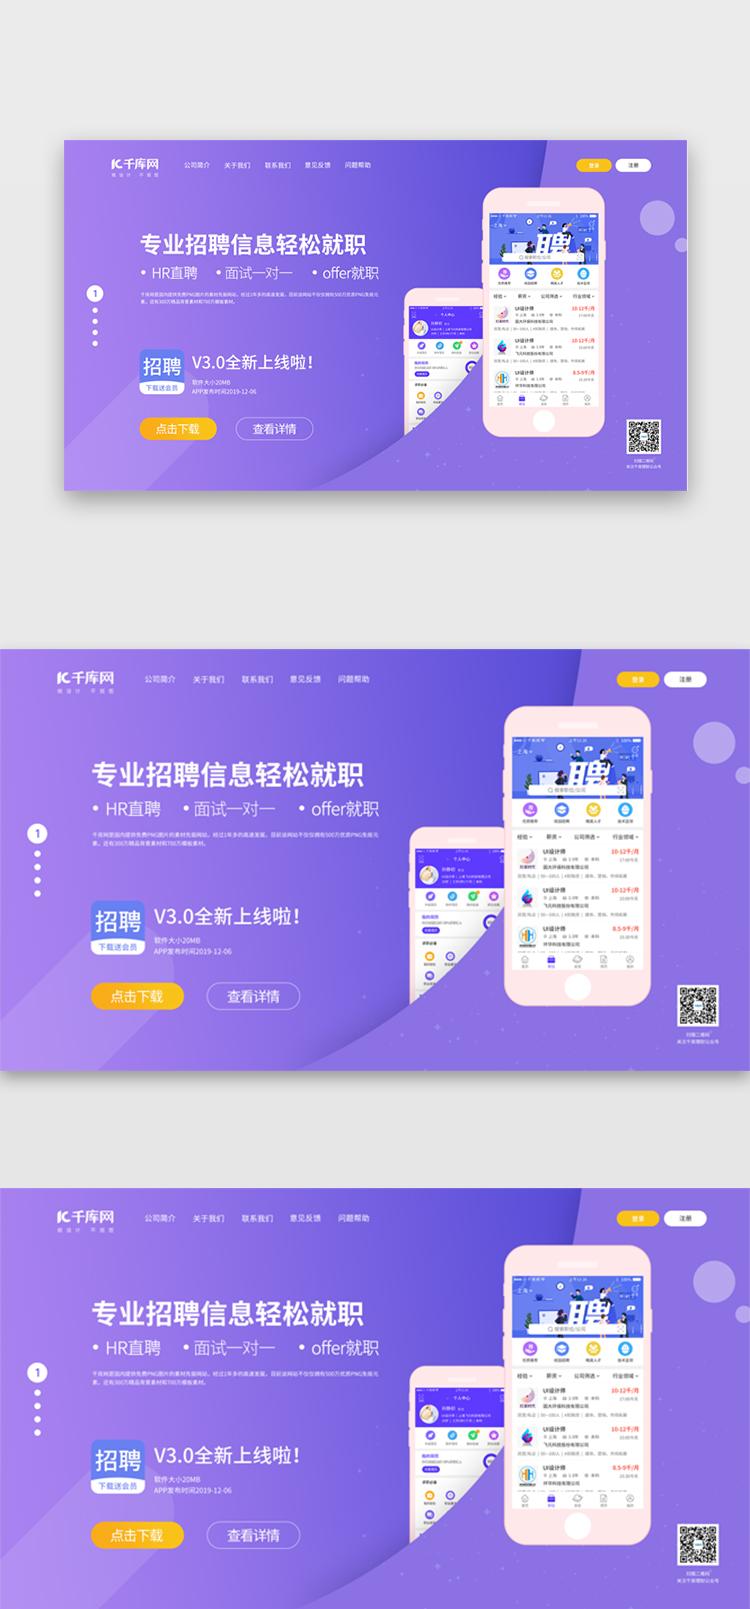 网页软件官网界面app下载礼盒ui蓝紫设计素材政府部门色系v网页图片